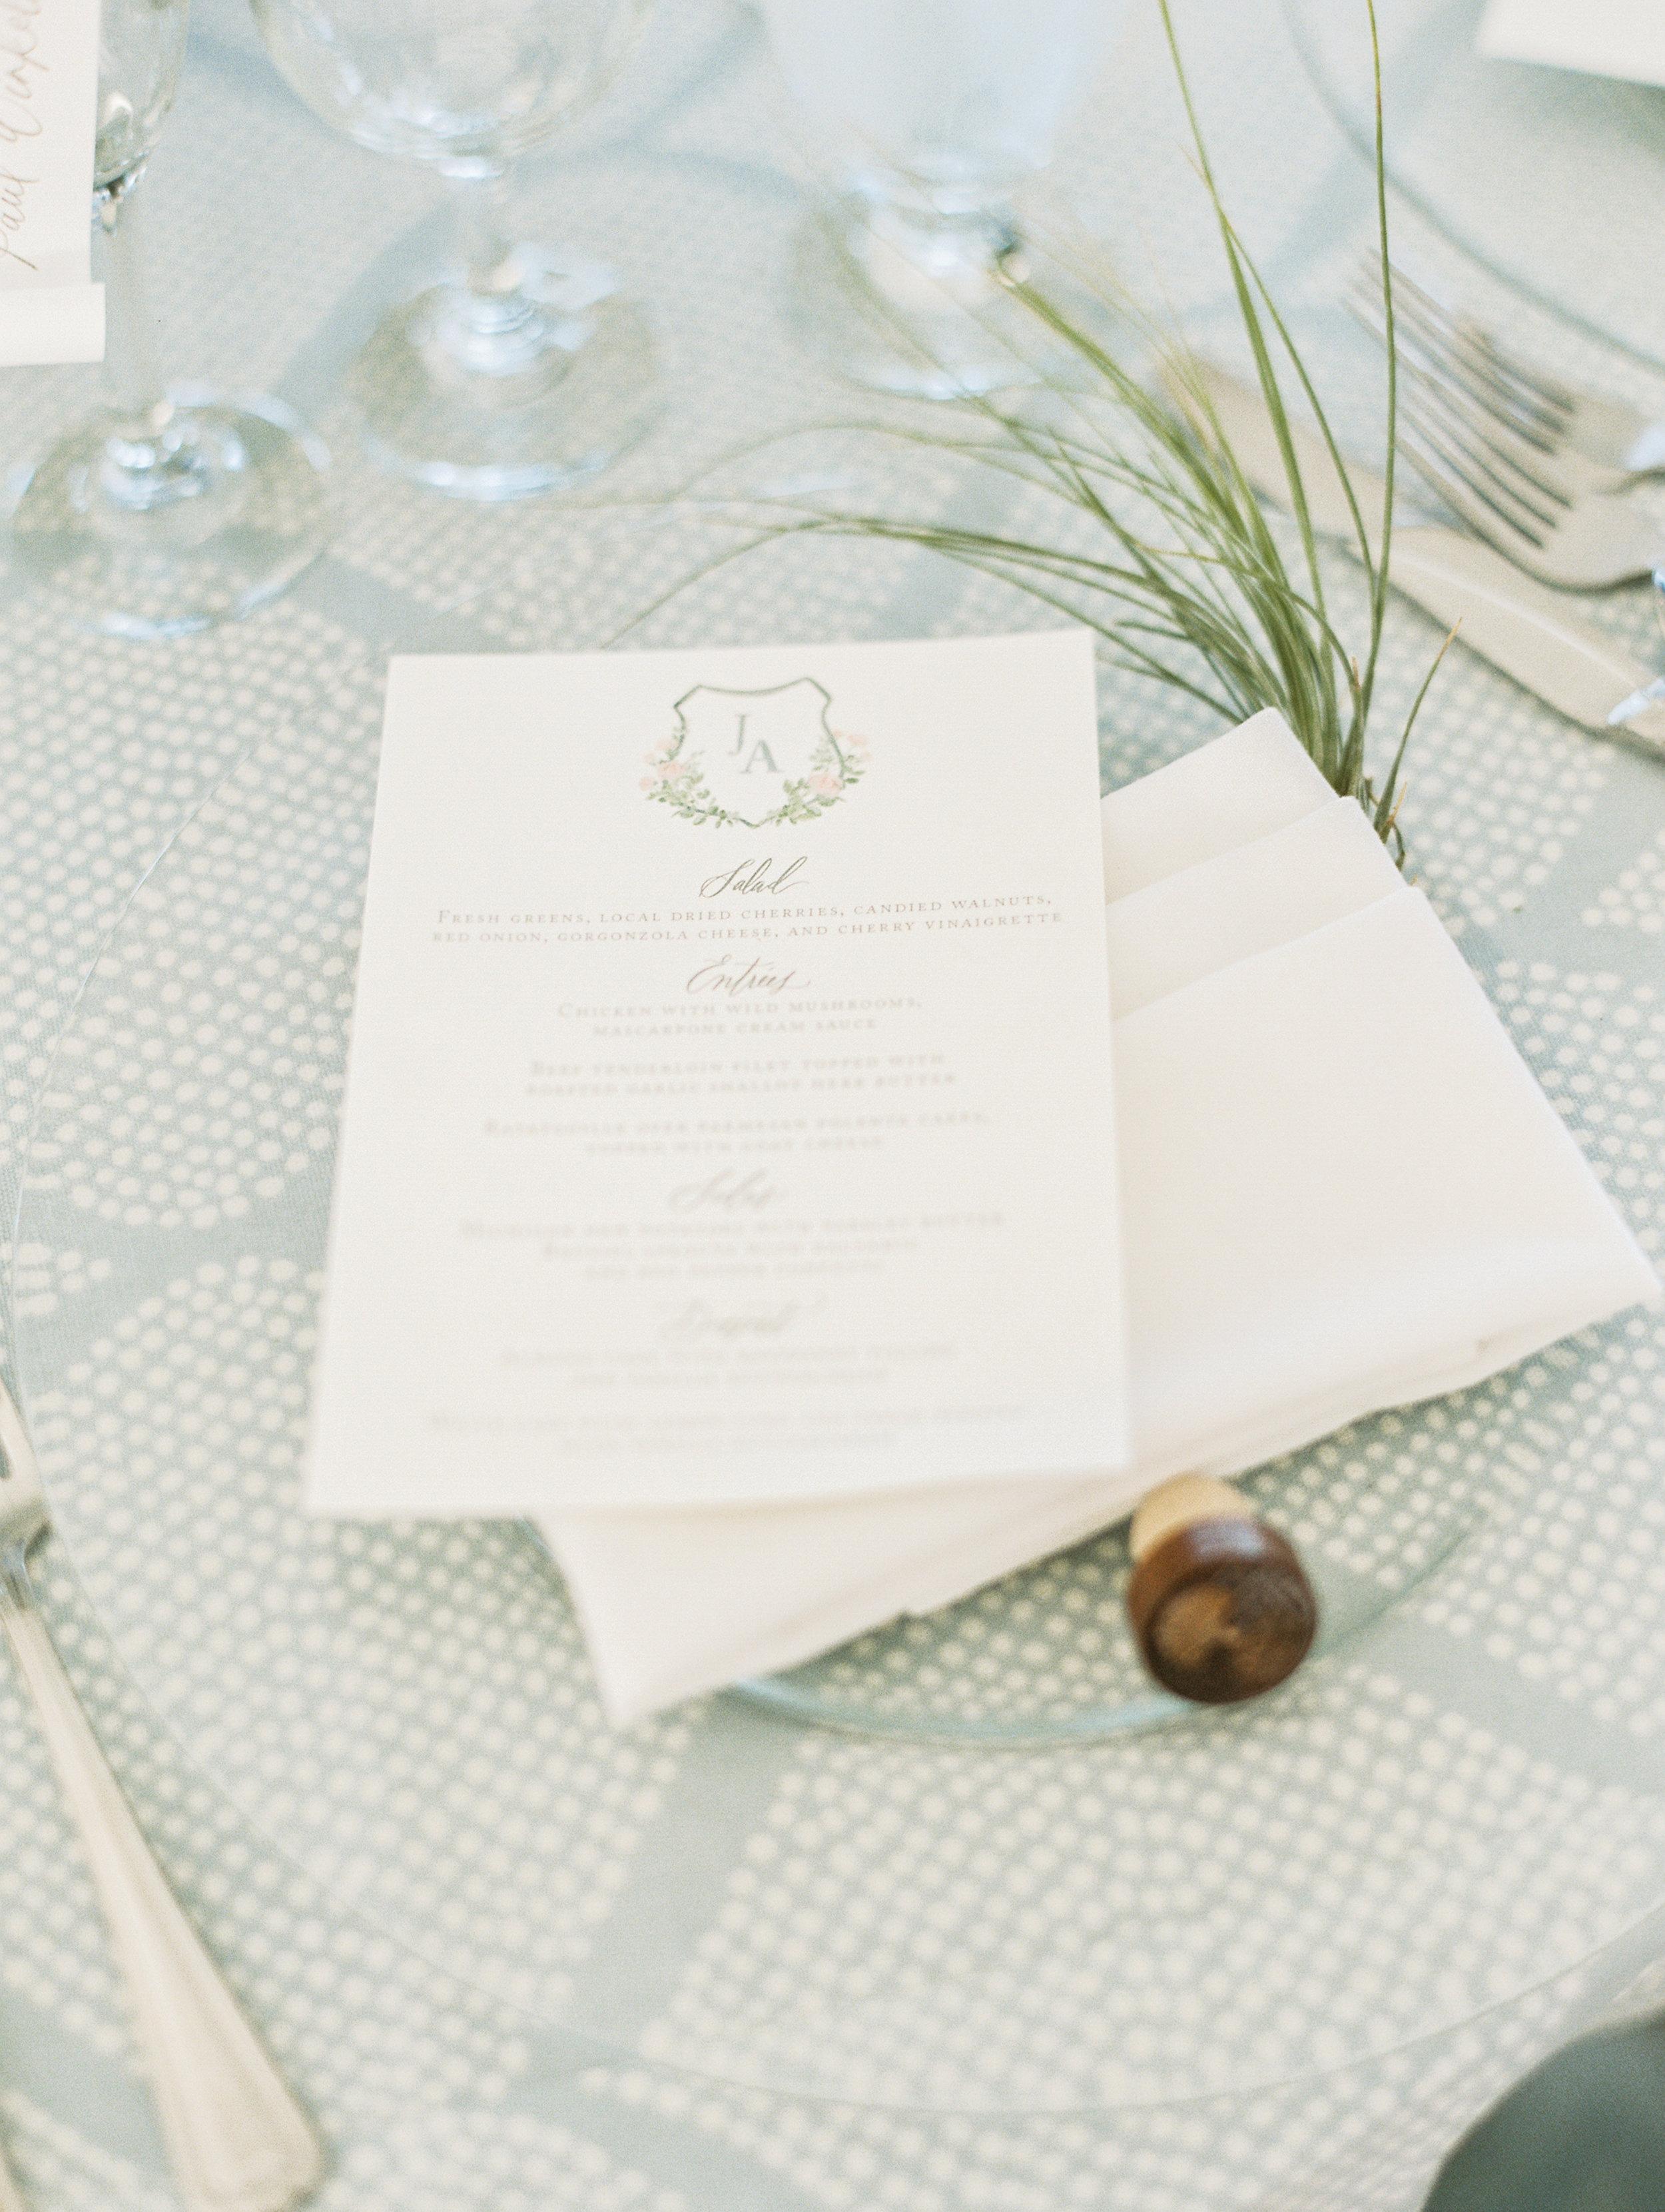 Steinlage+Wedding+Reception+Details-119.jpg